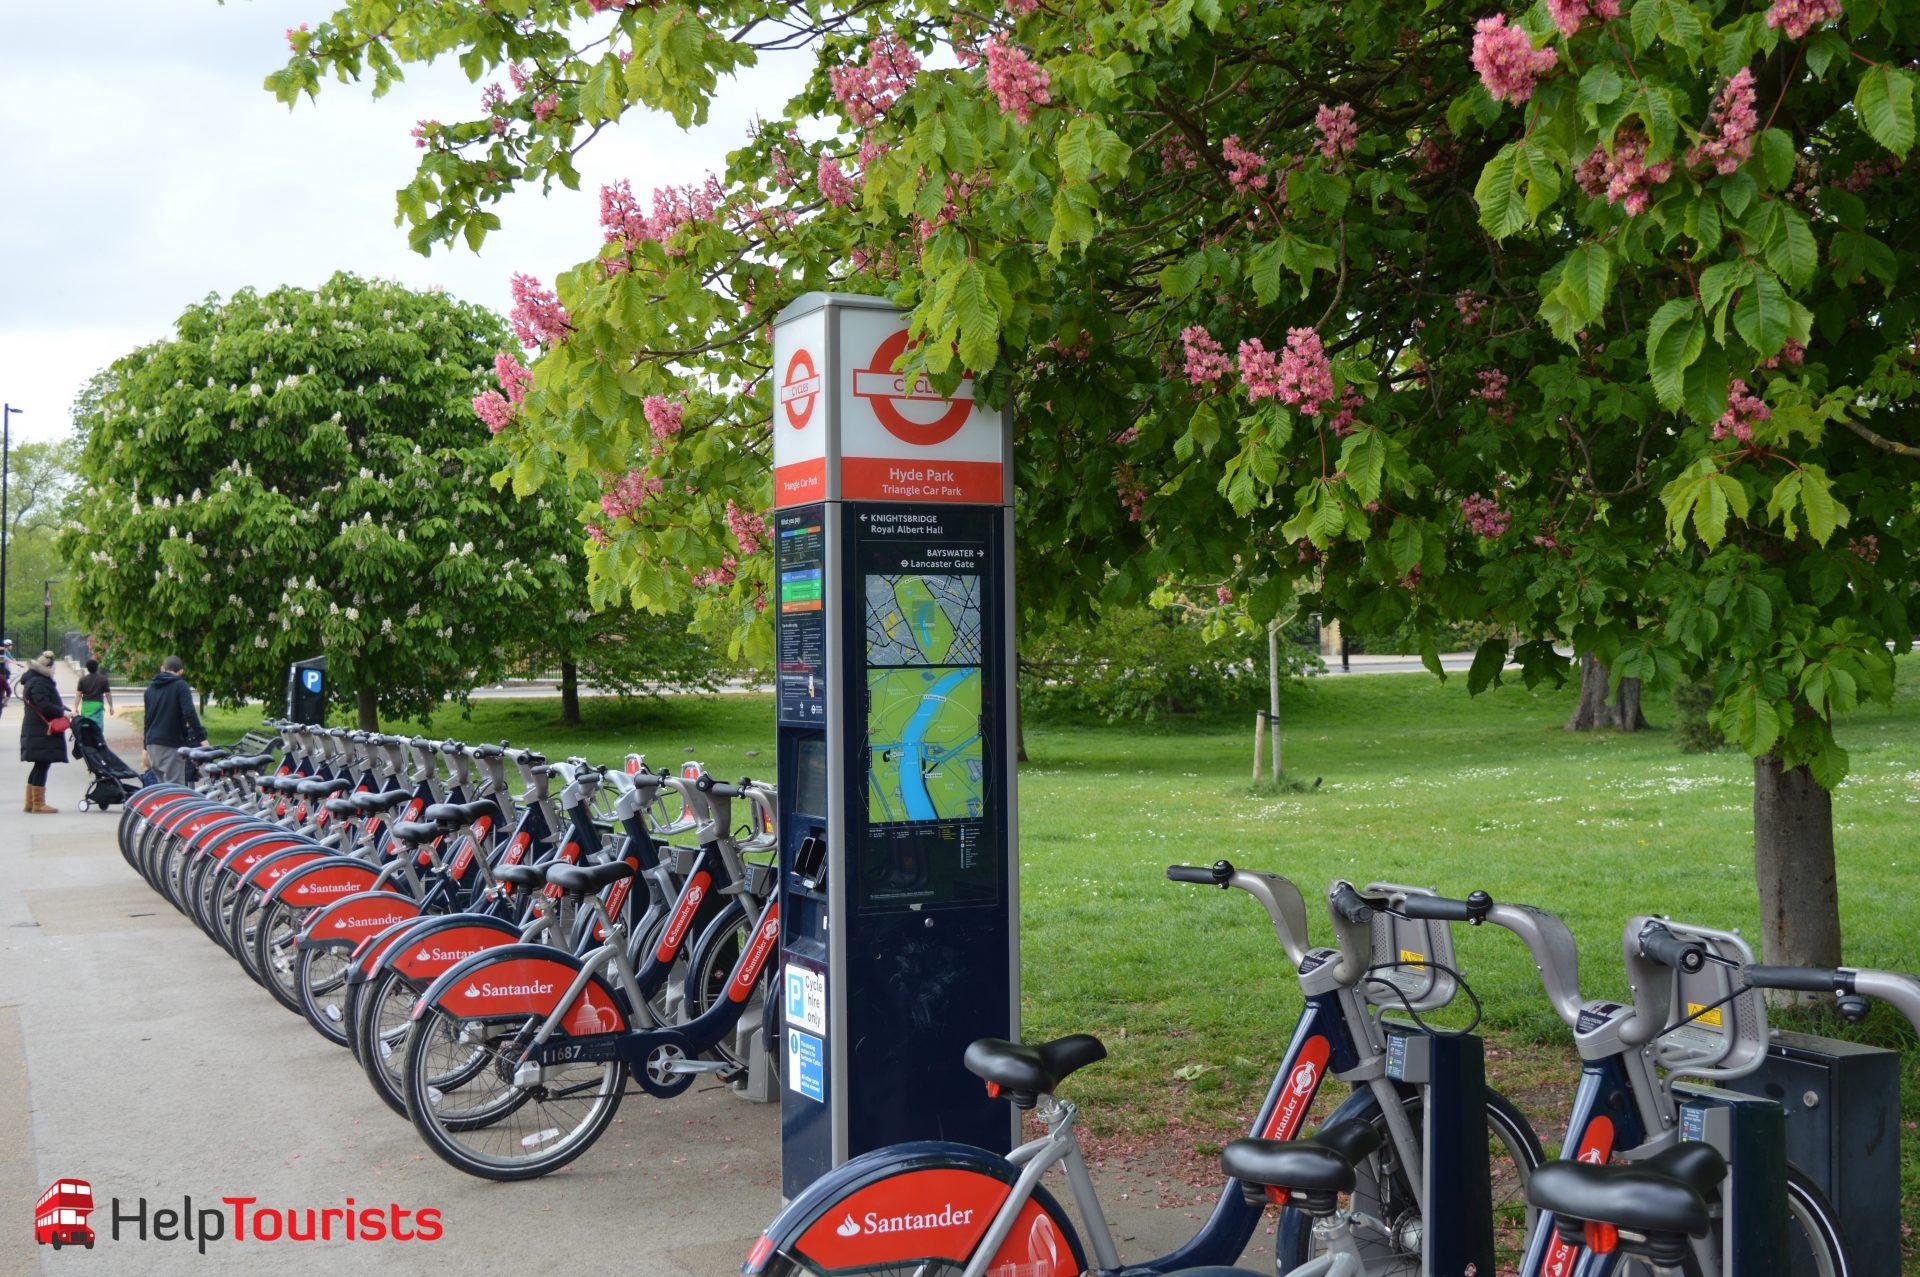 Santander Fahrräder ausleihen London